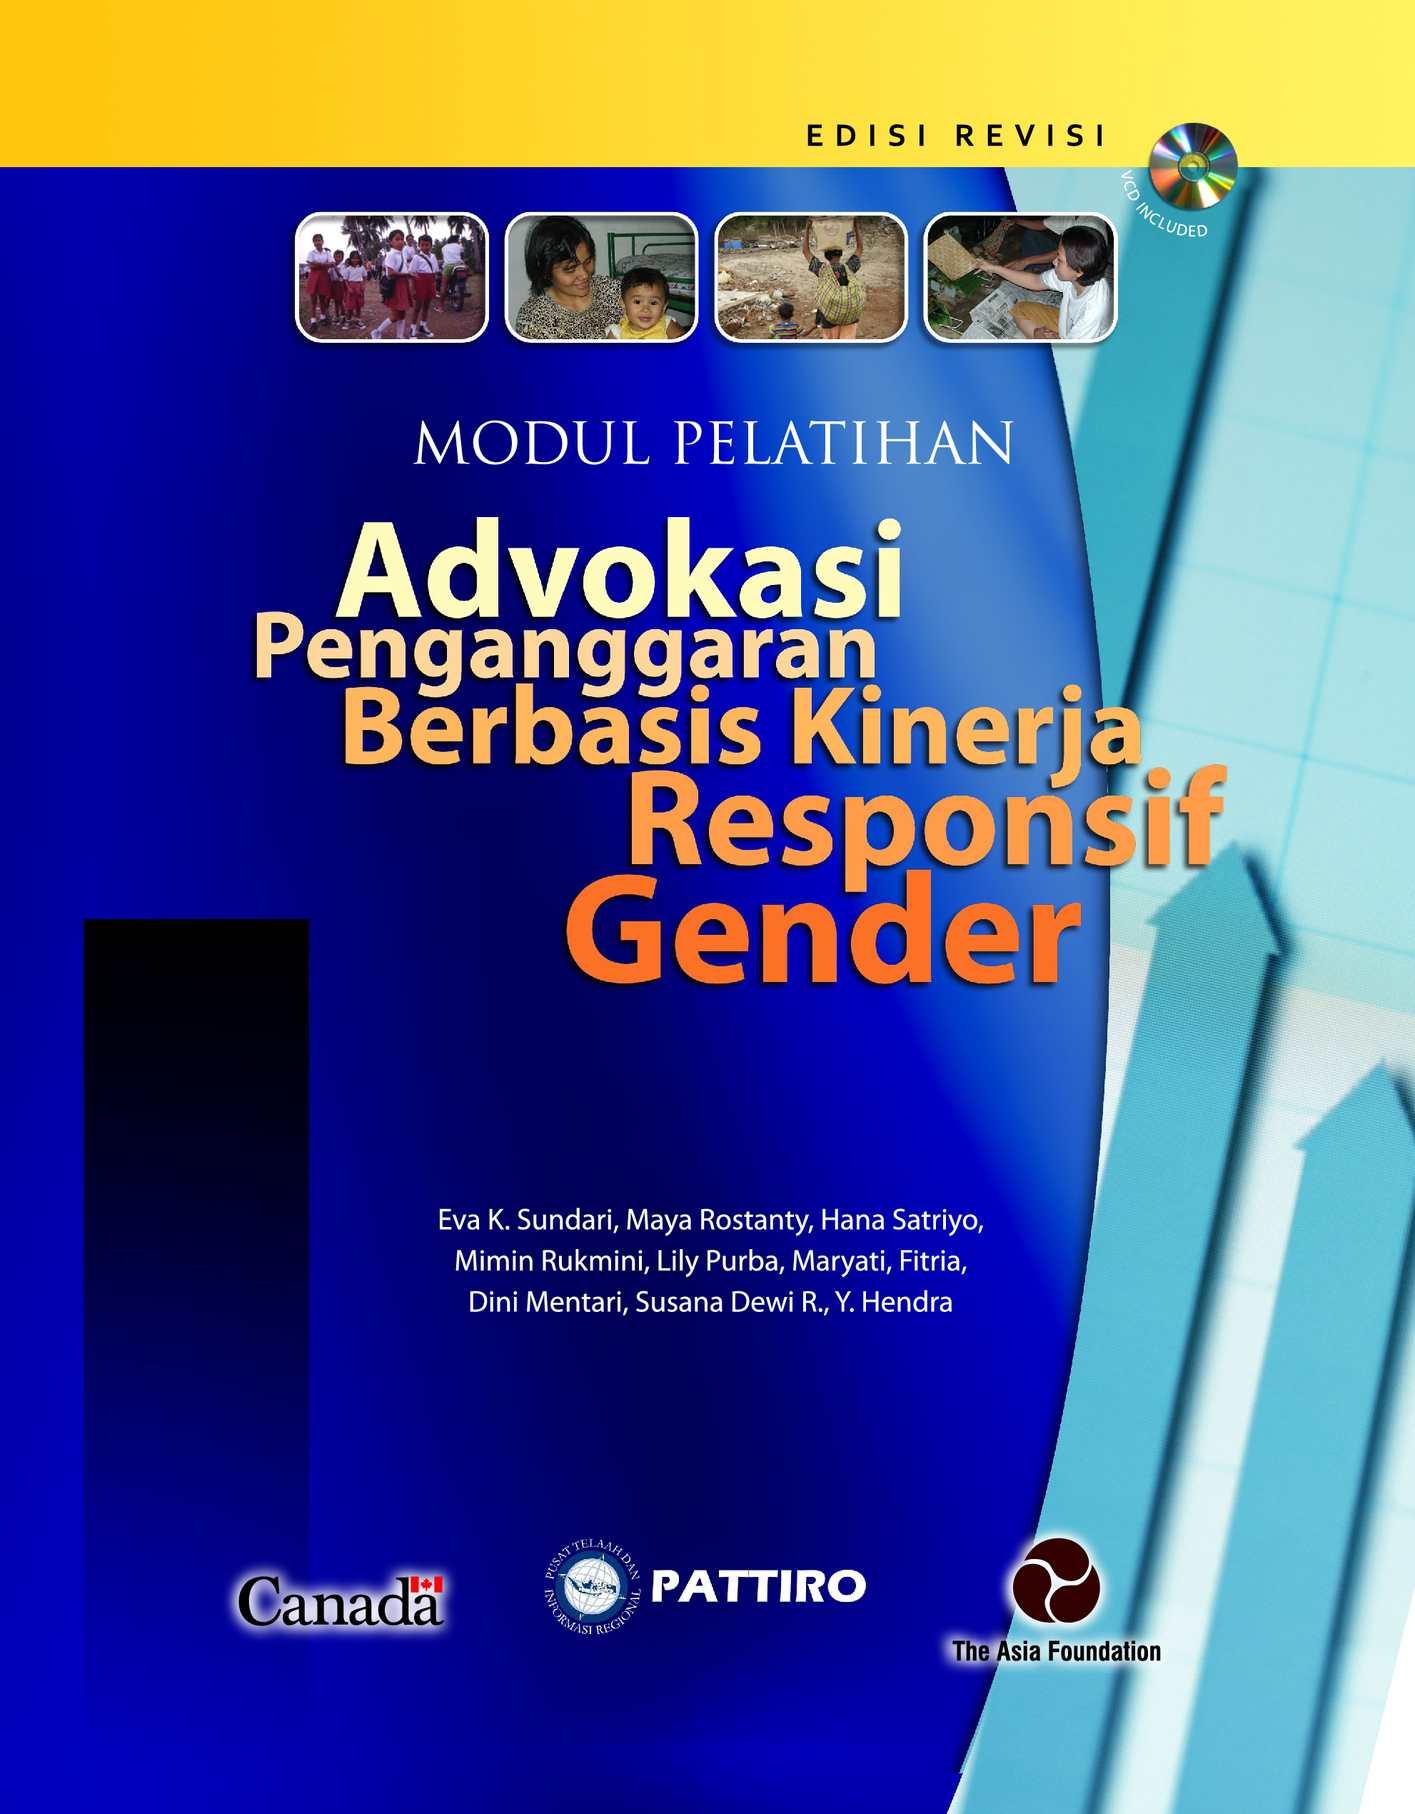 Calameo Modul Pelatihan Advokasi Penganggaran Berbasis Gender